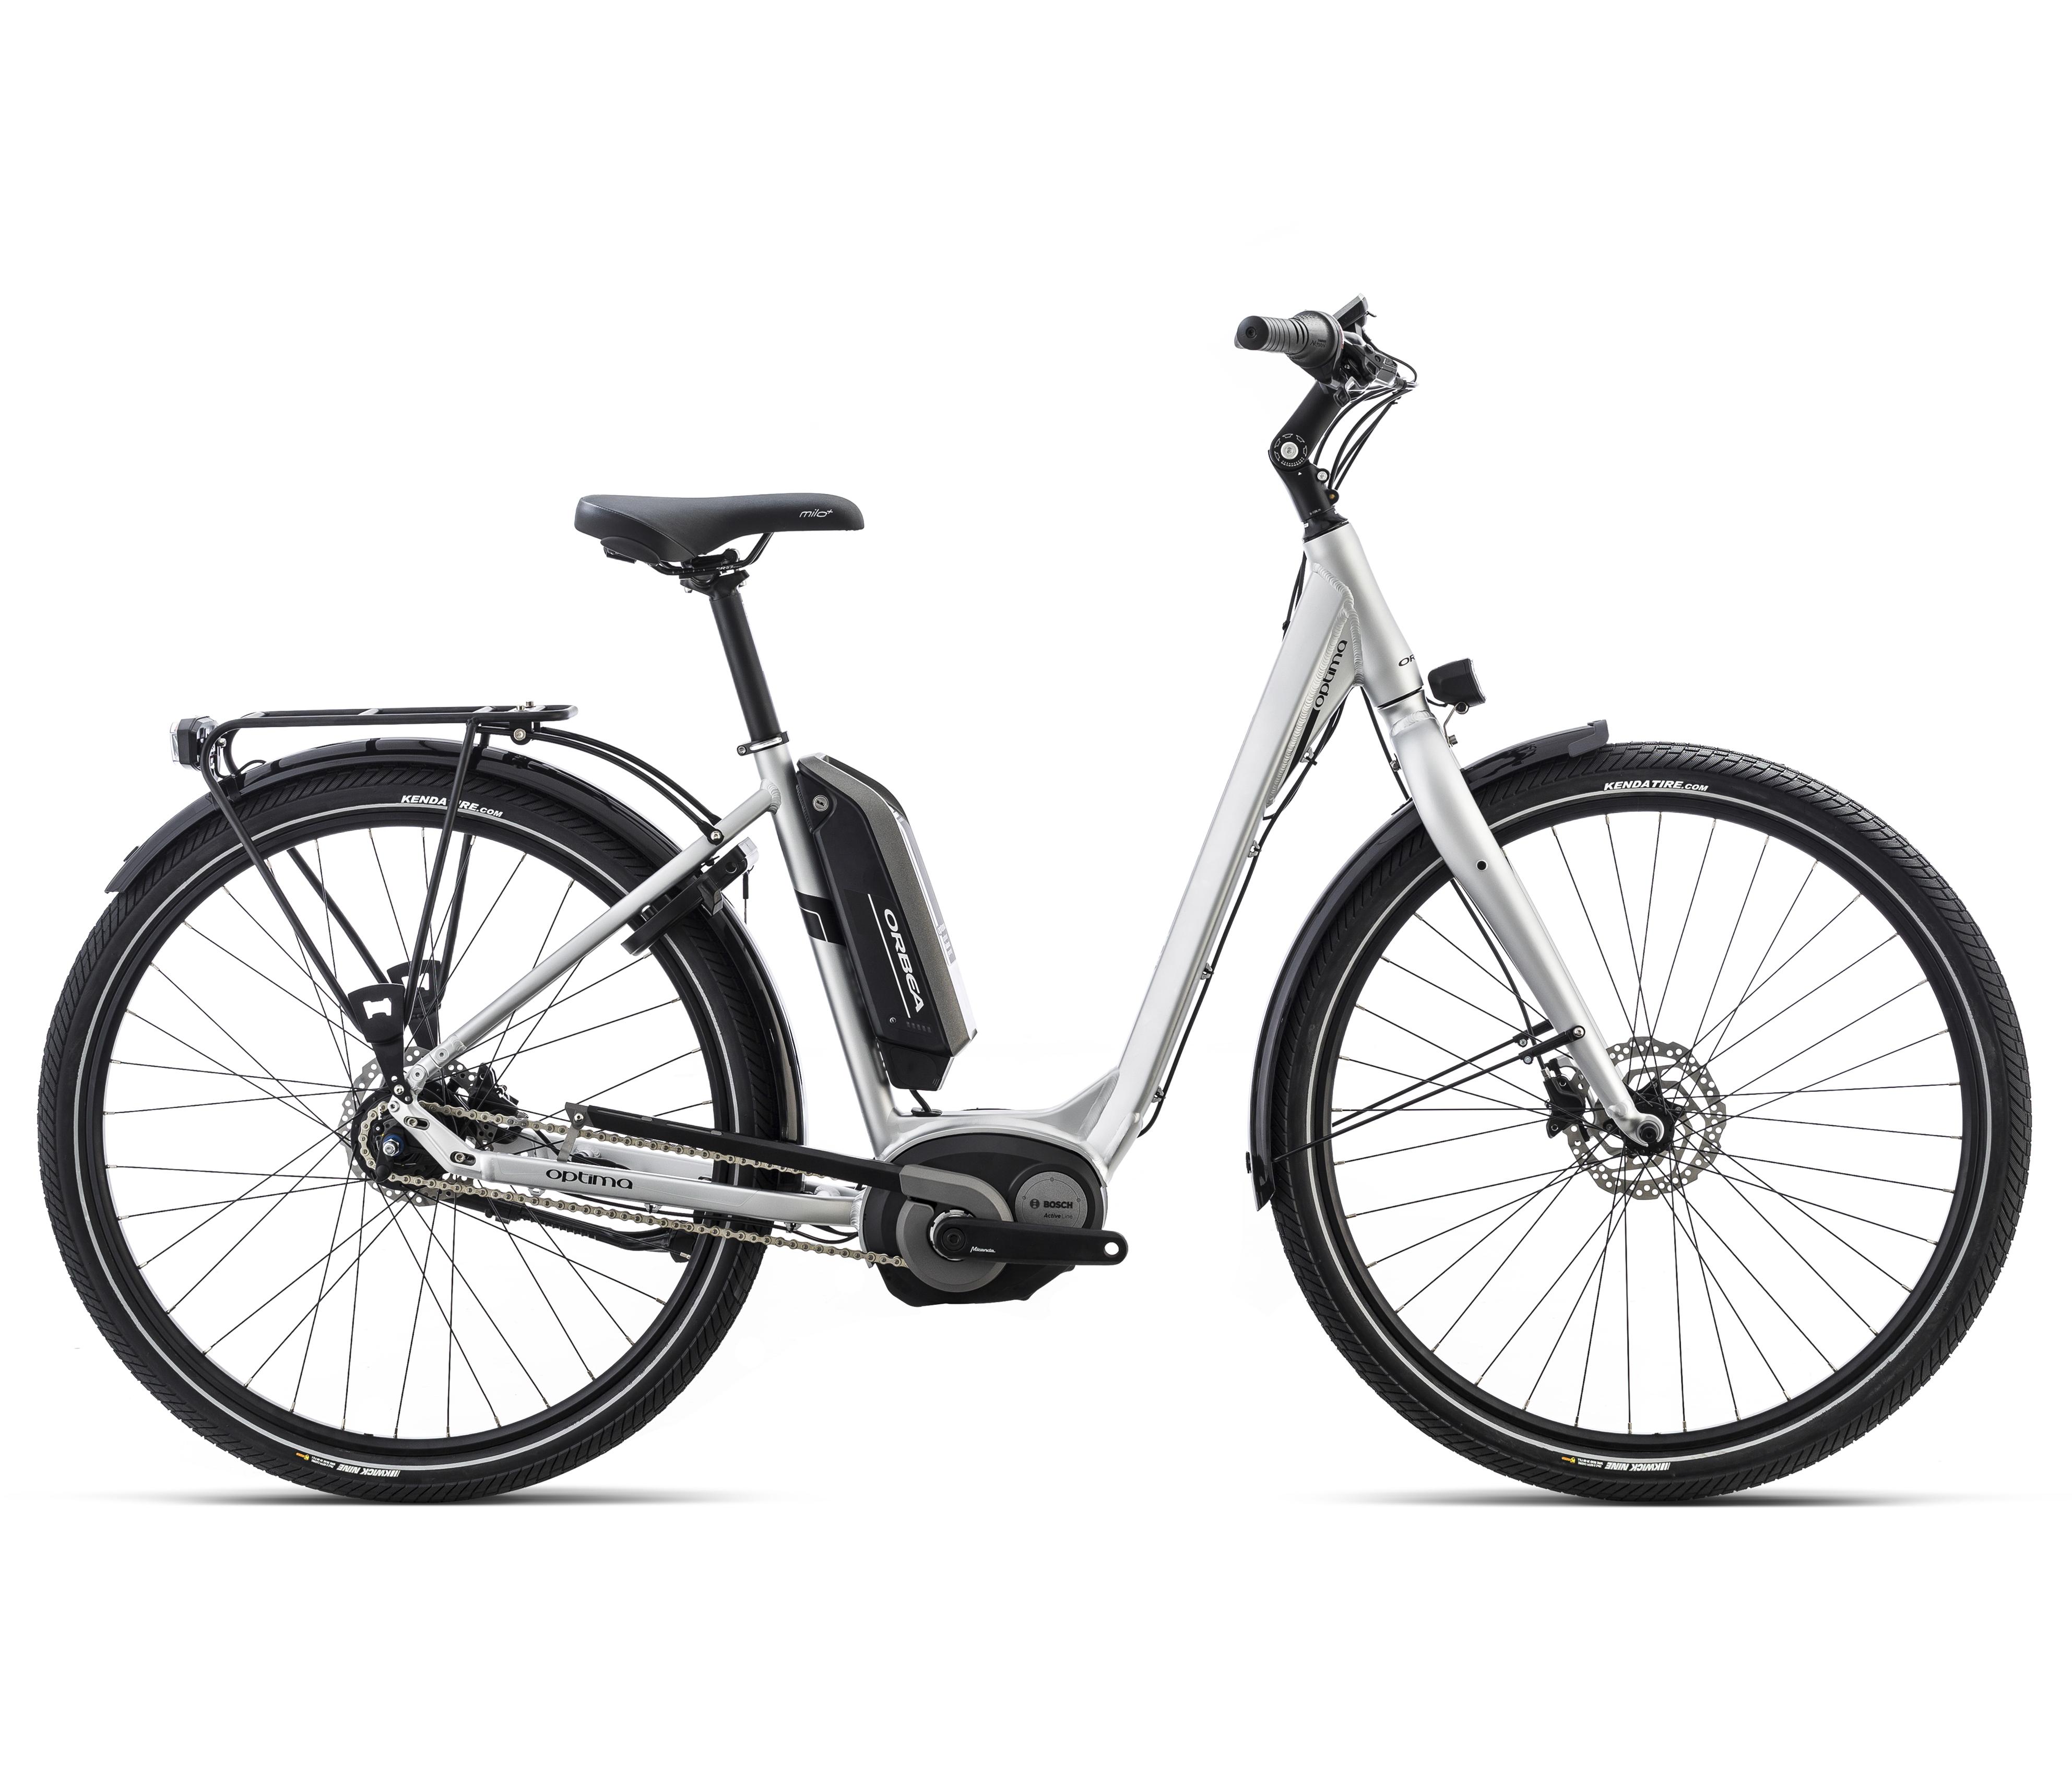 orbea e bike optima asphalt 20 g nstig online kaufen. Black Bedroom Furniture Sets. Home Design Ideas